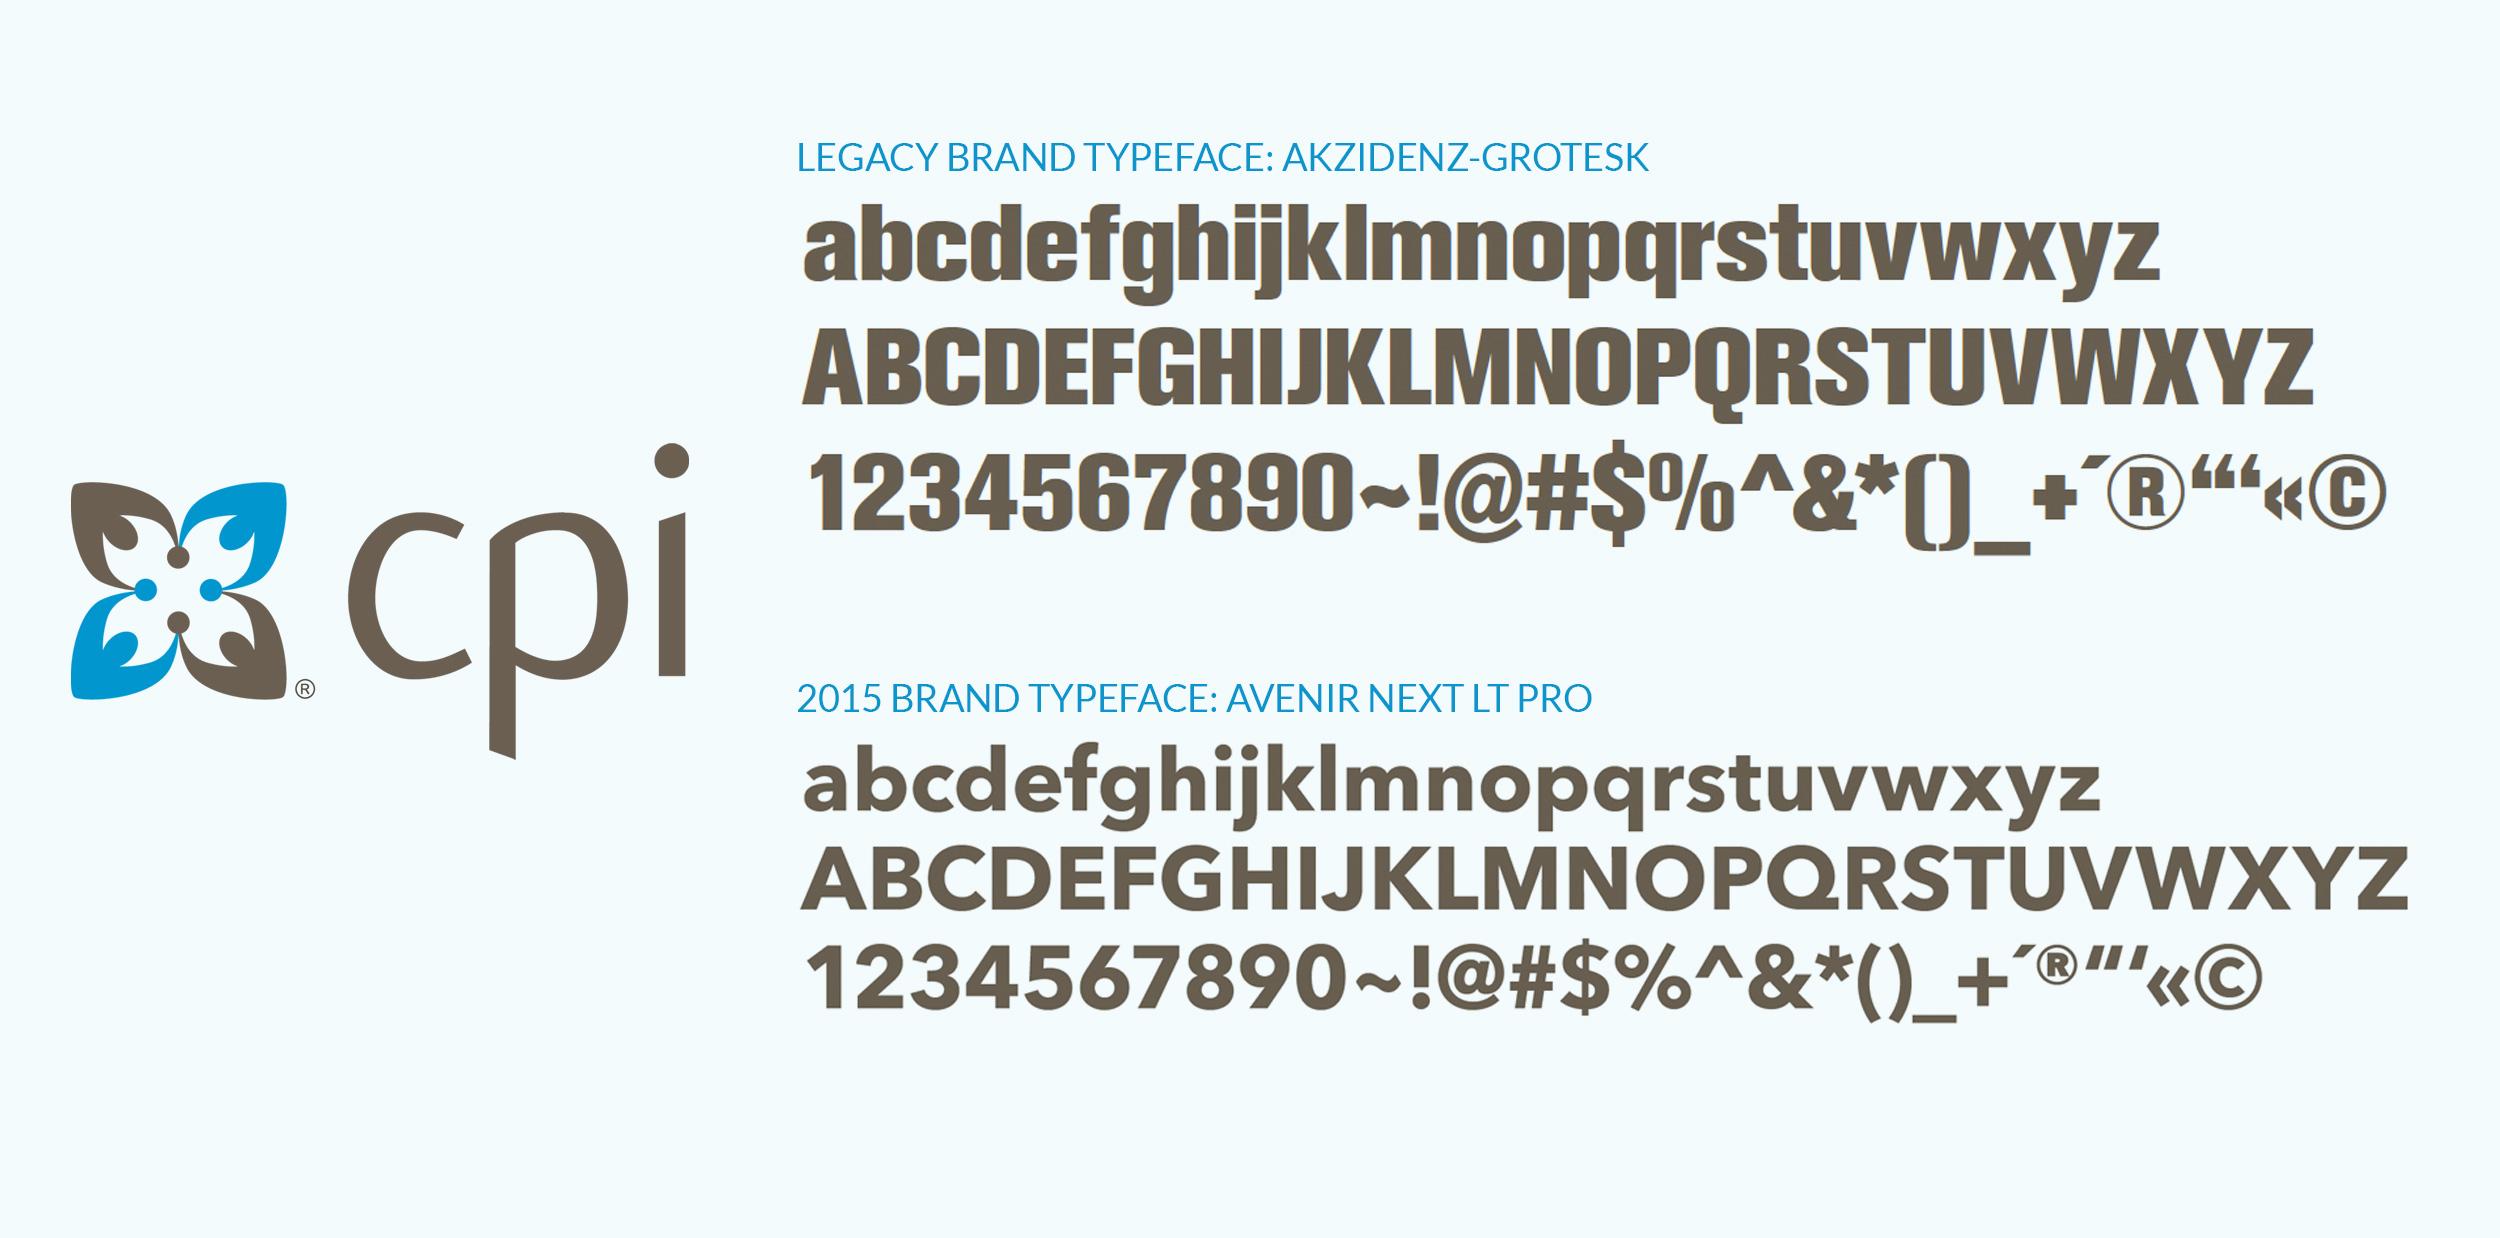 CPI_Brand_Type.jpg